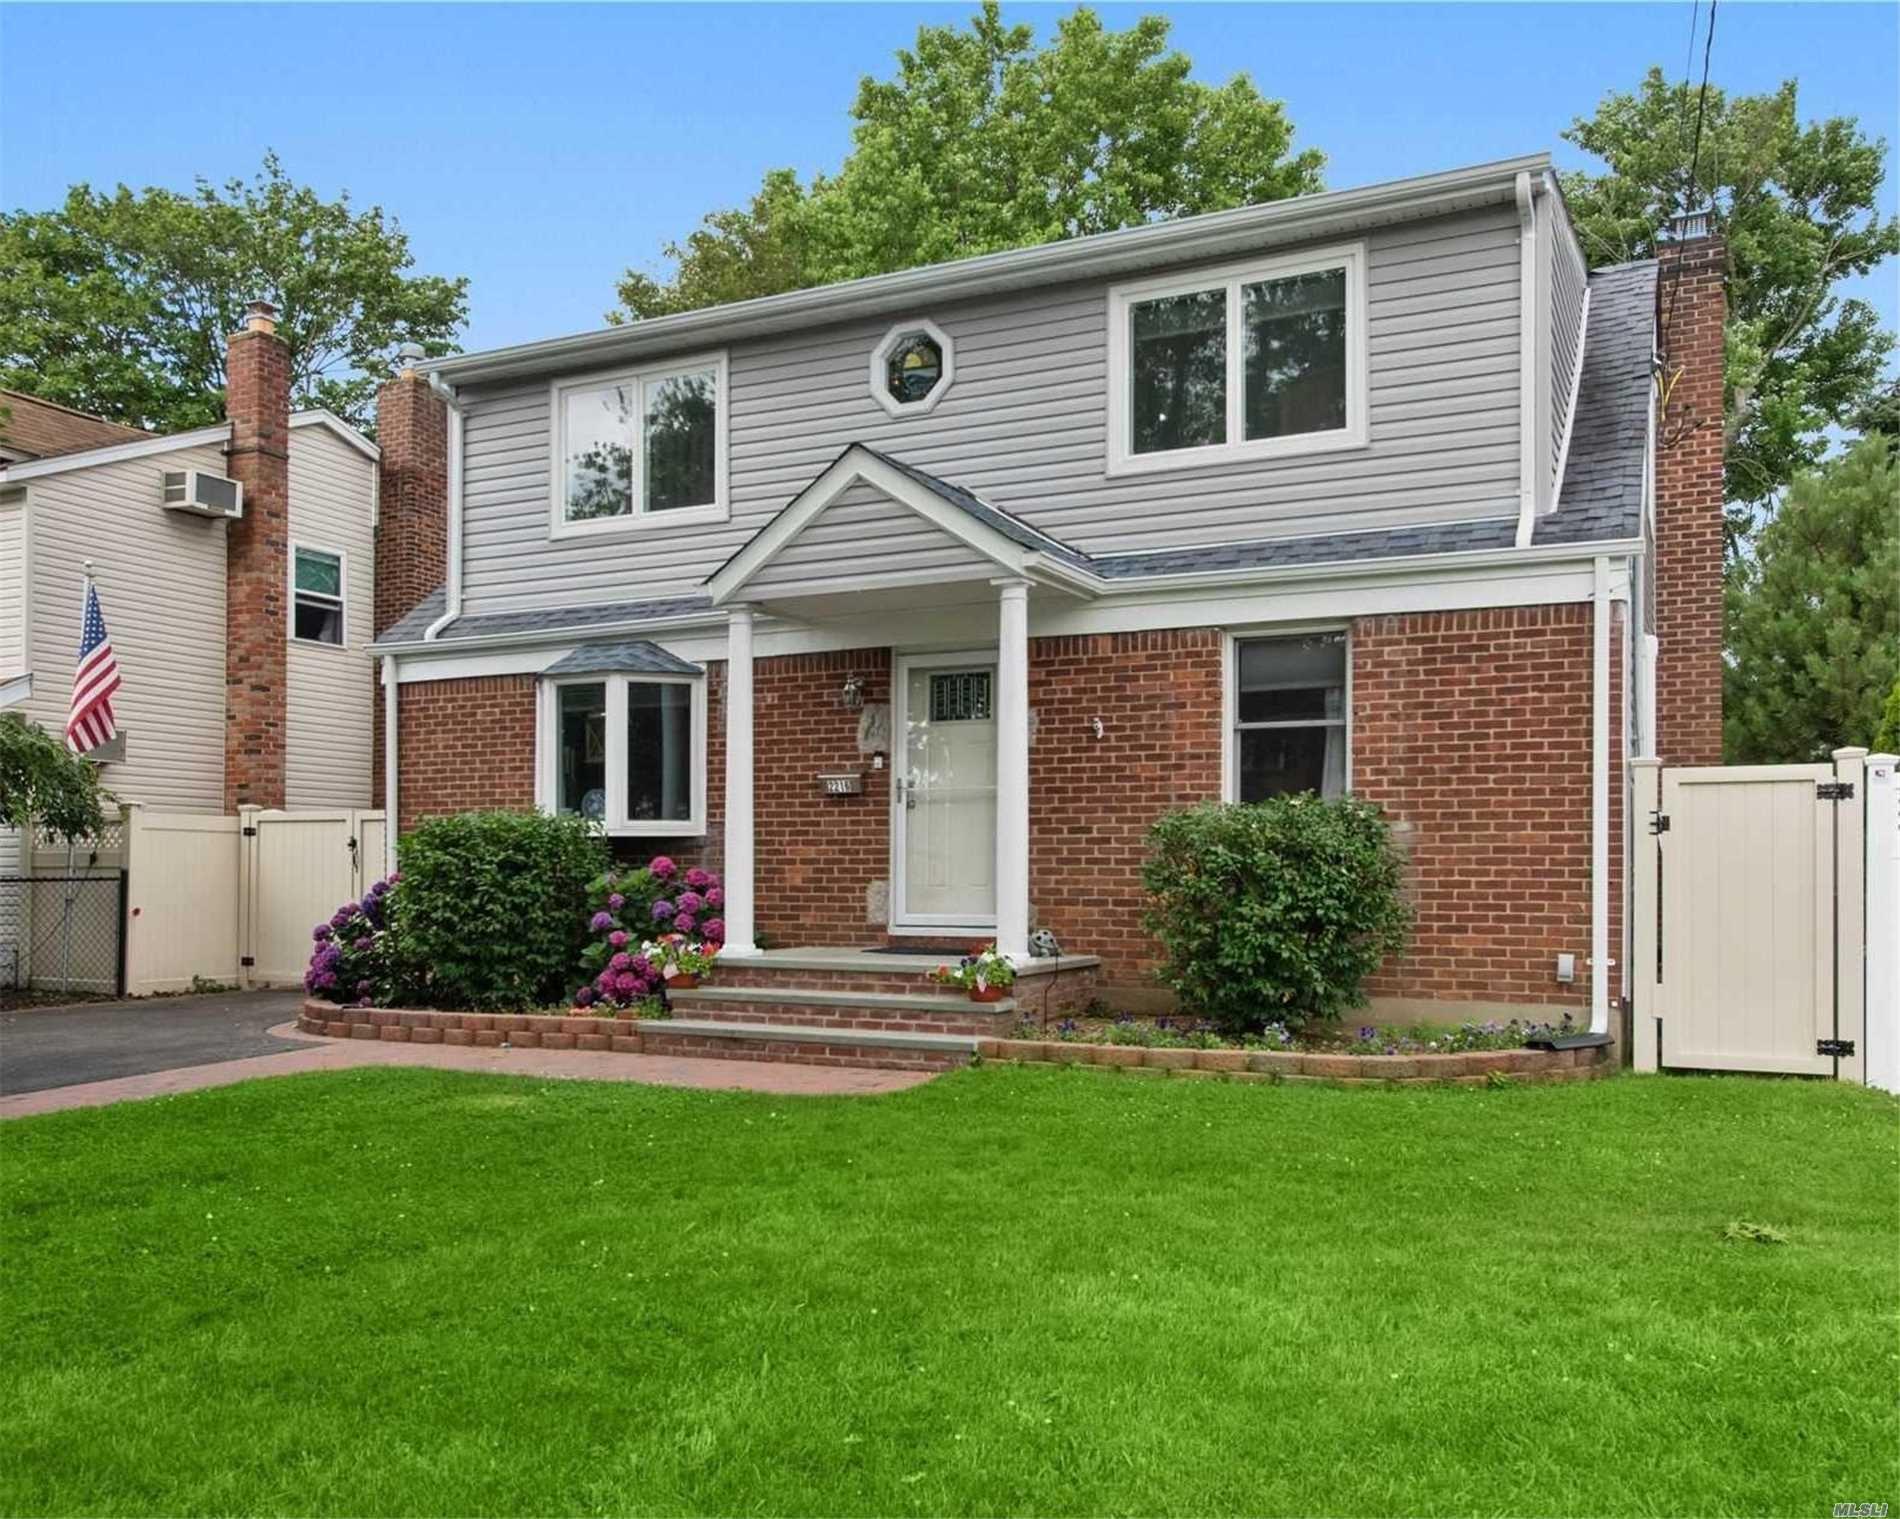 2216 Maple St, Wantagh, NY 11793 - MLS#: 3233769